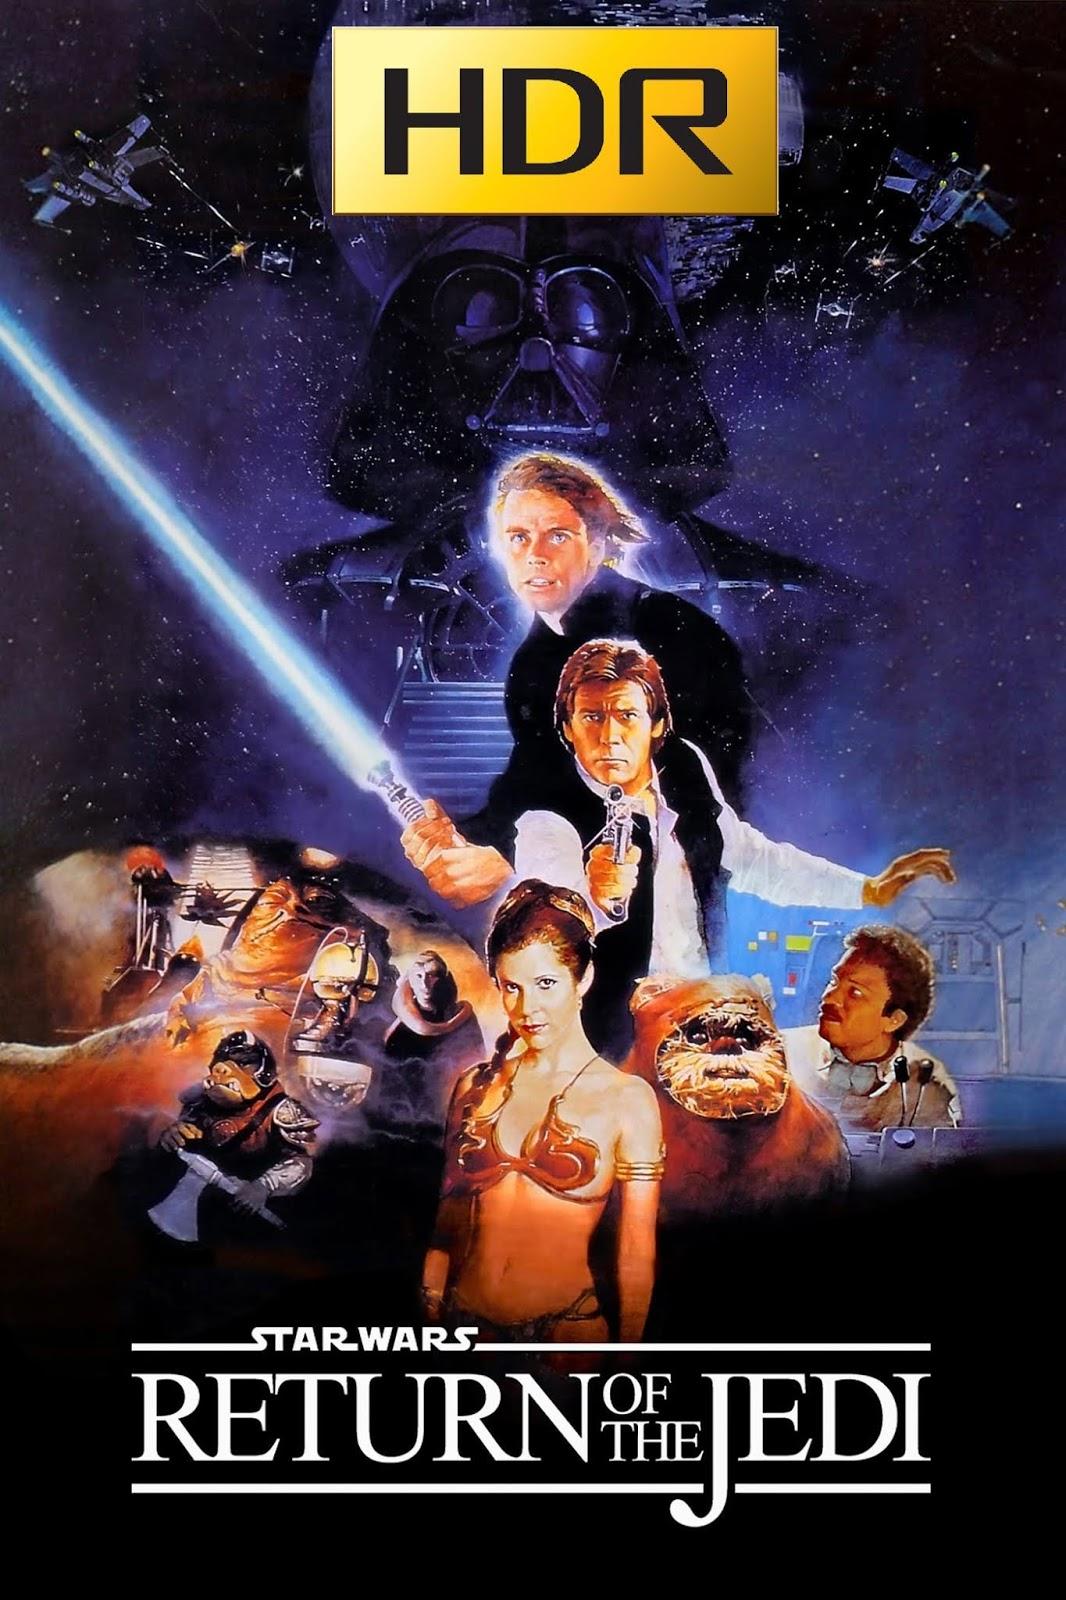 Star Wars: Episodio VI (1983) 4K UHD HDR Webrip Latino